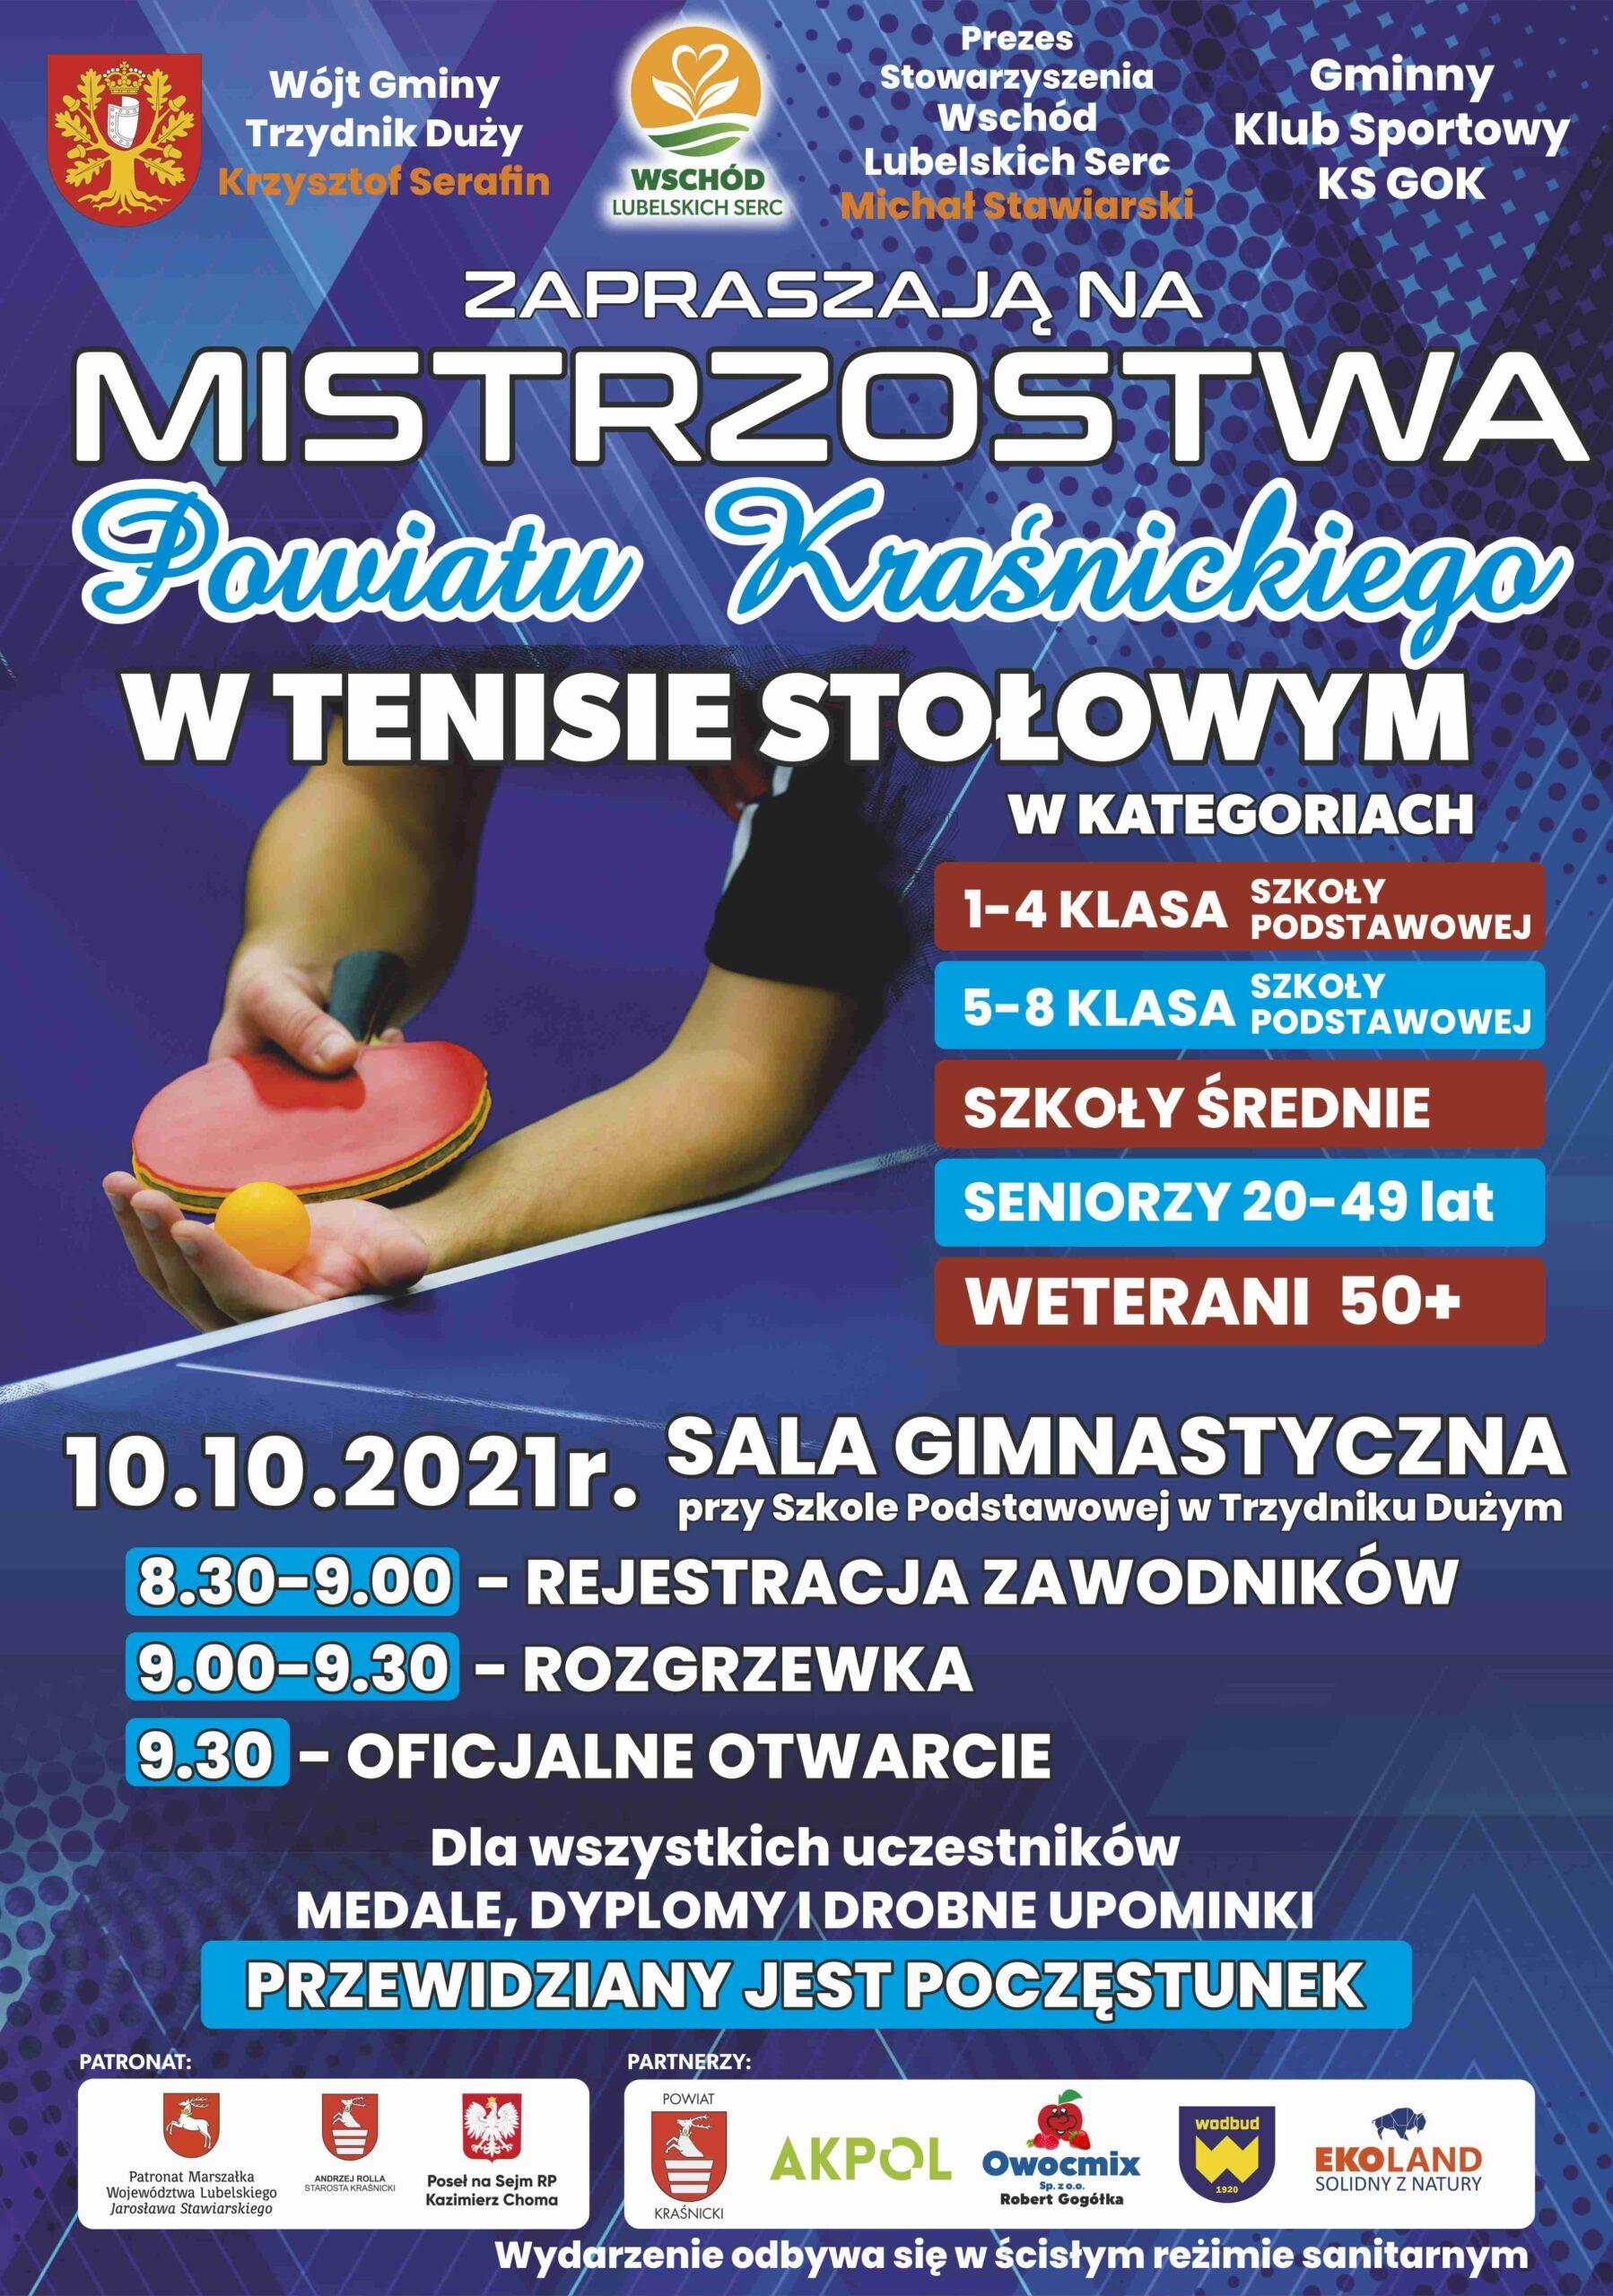 Mistrzostwa Powiatu Kraśnickiego w Tenisie Stołowym